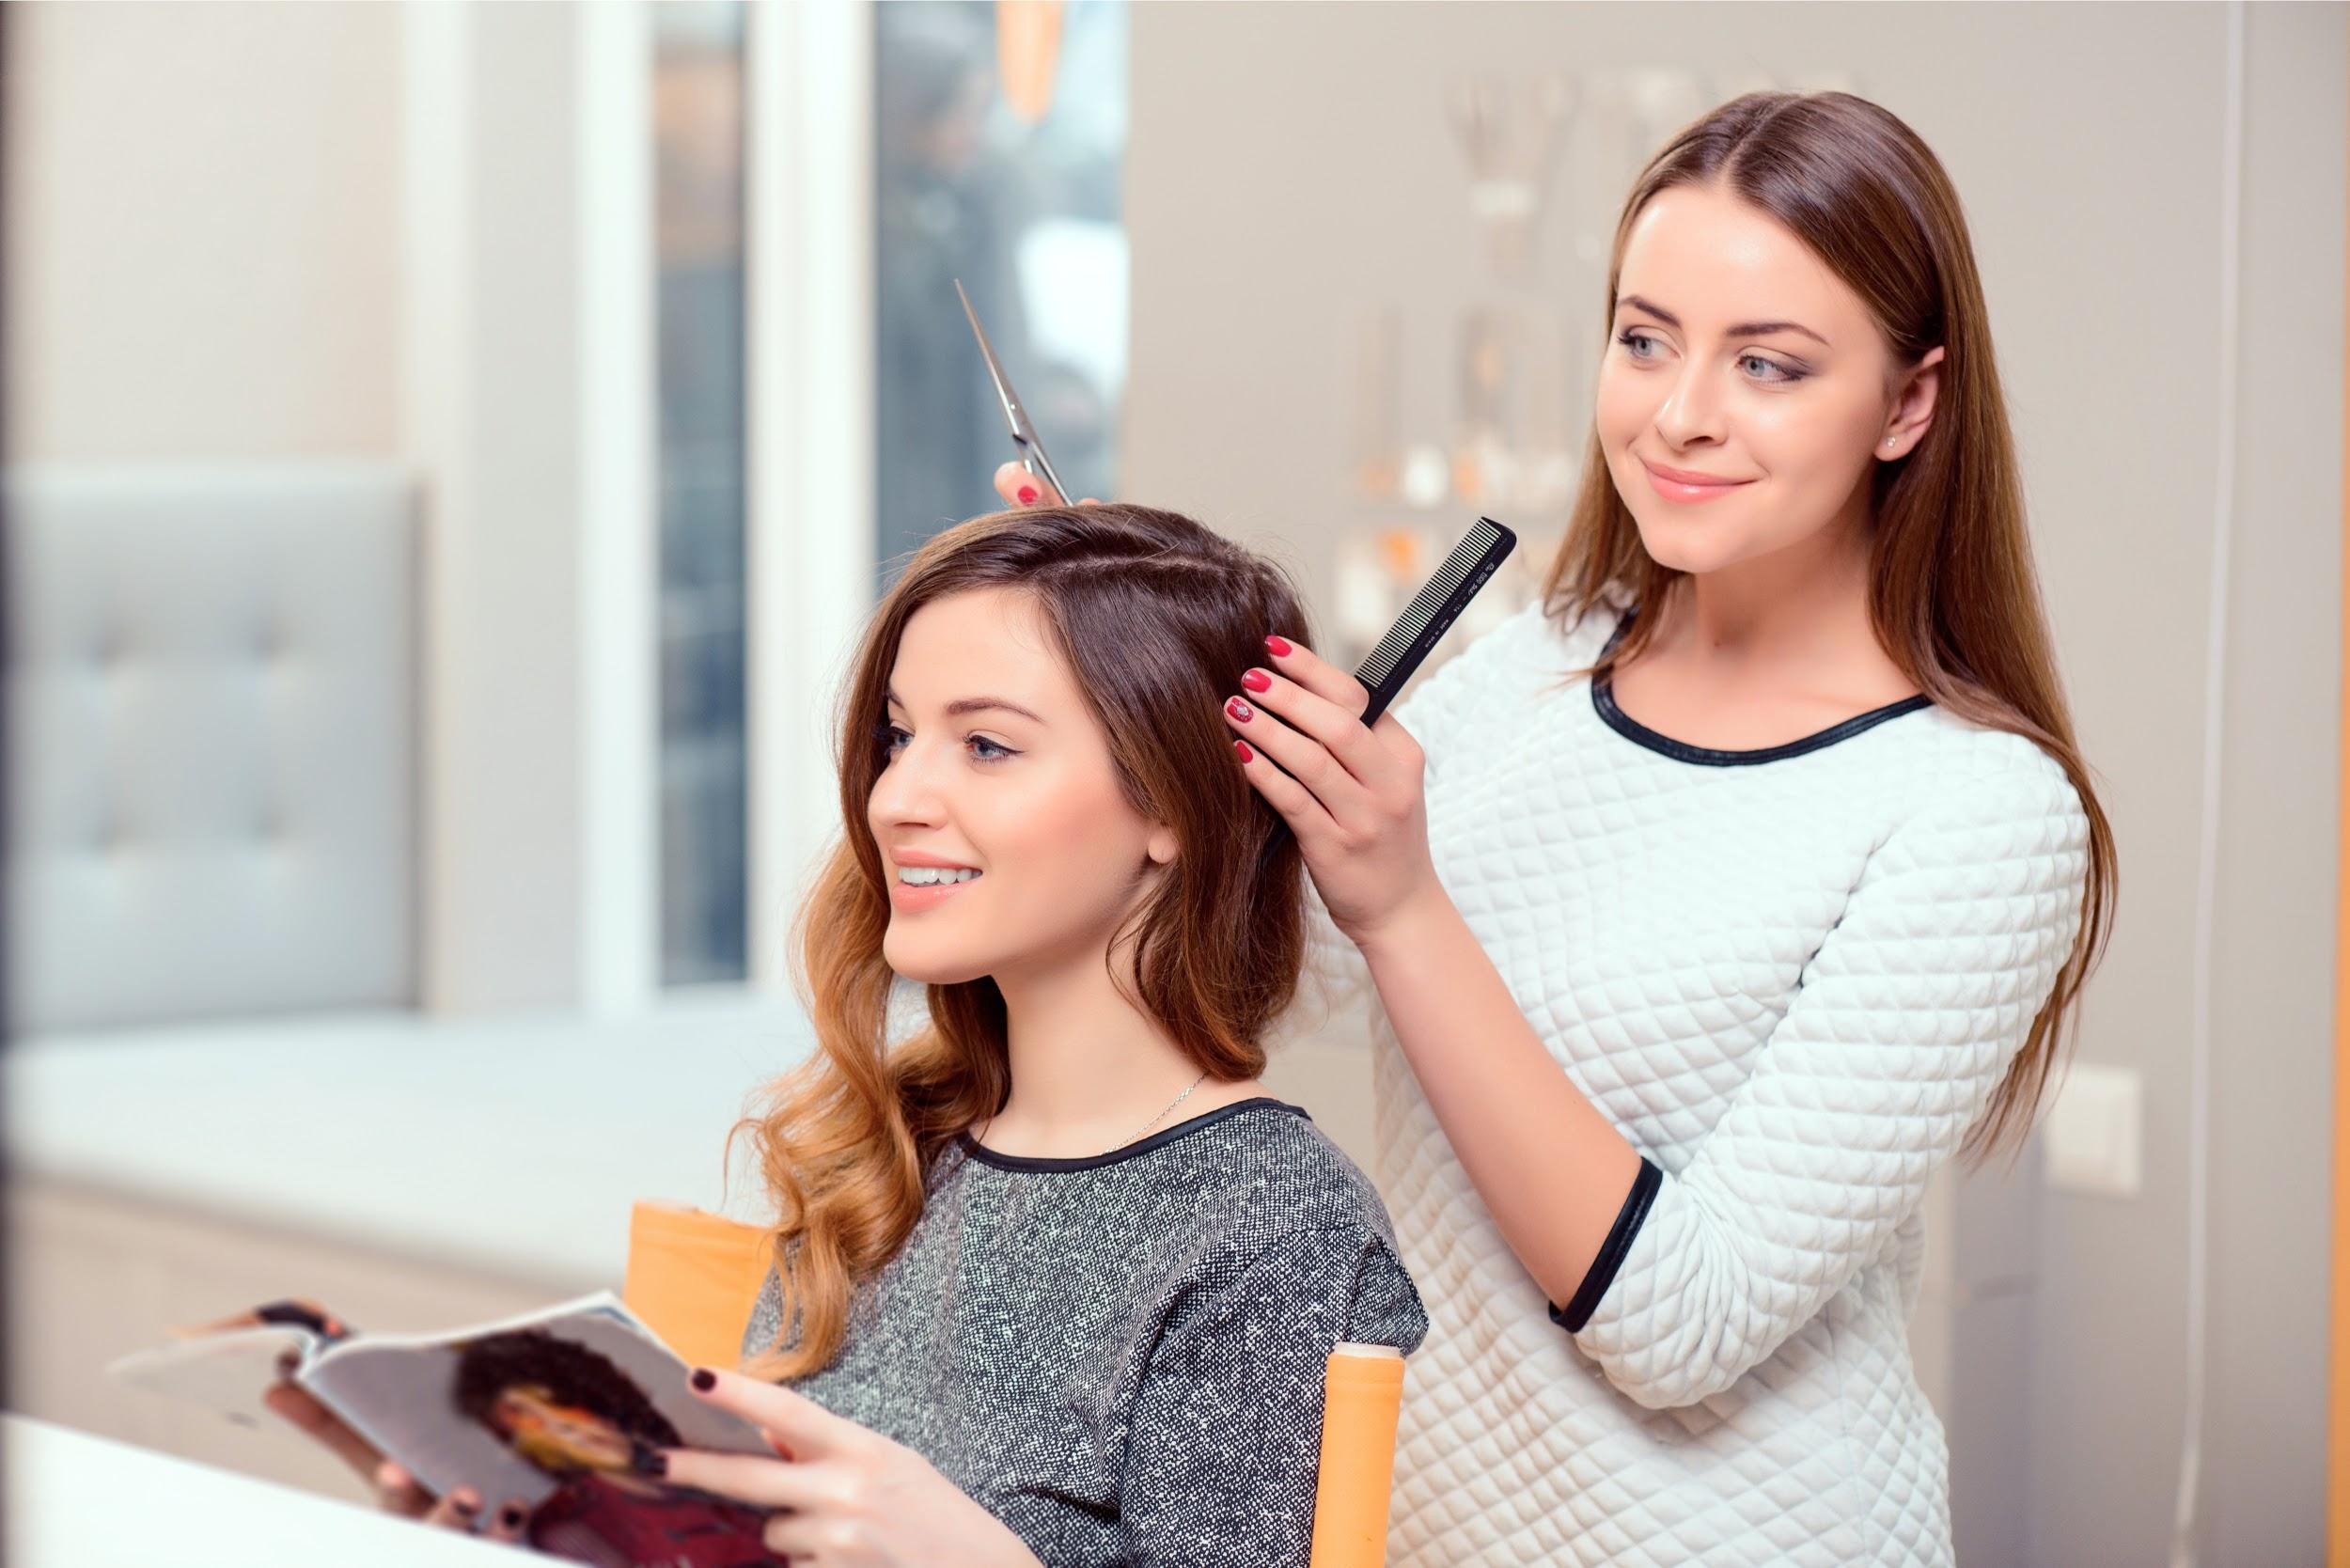 美容師はトーク力が大切?お客様とうまく会話をするコツ